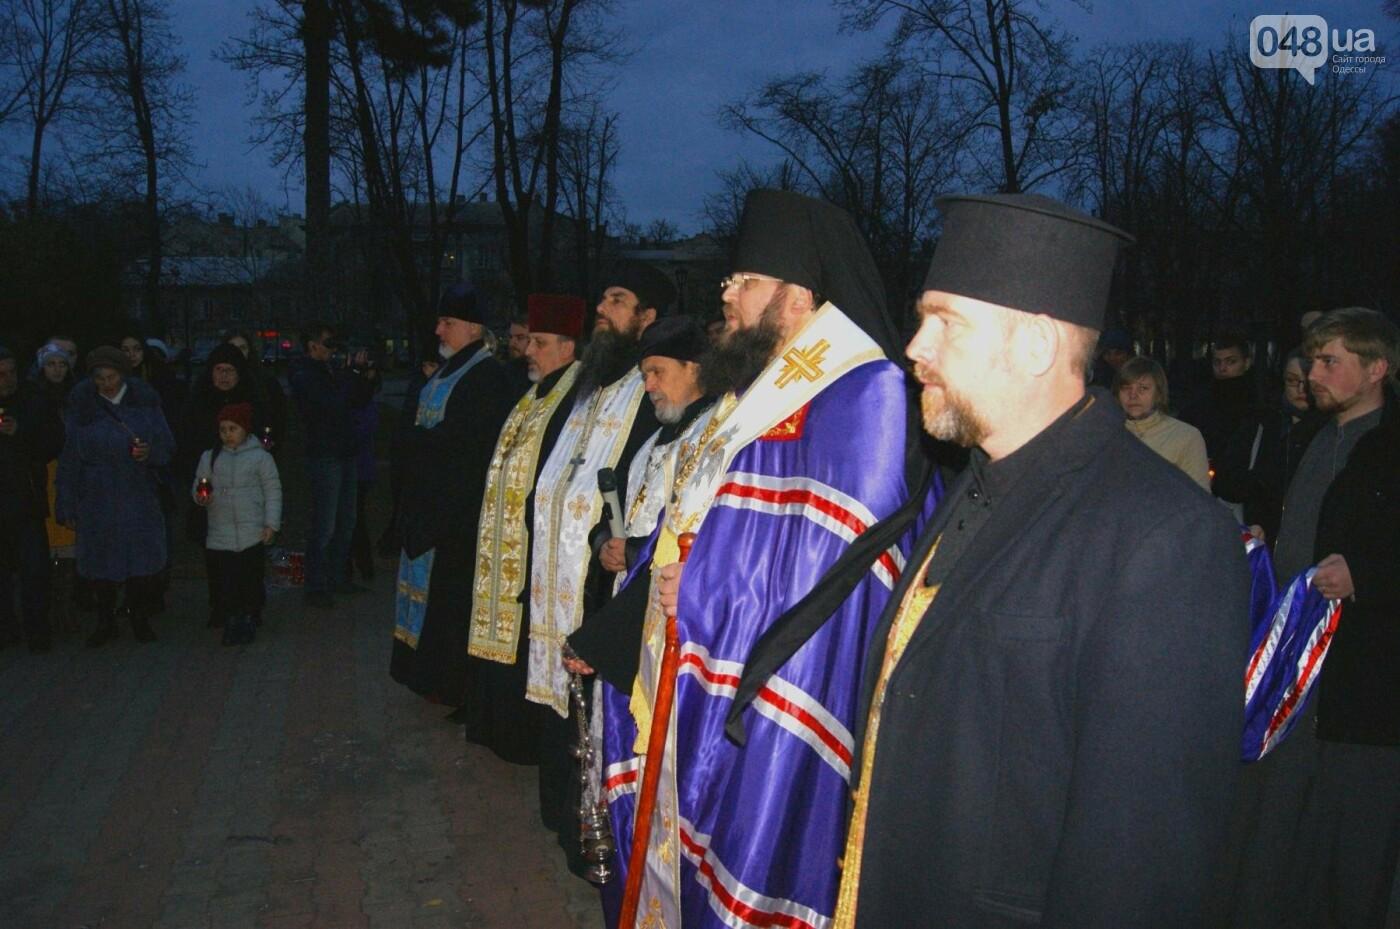 Одесситы провели трогательную акцию (ФОТО, ВИДЕО), фото-8